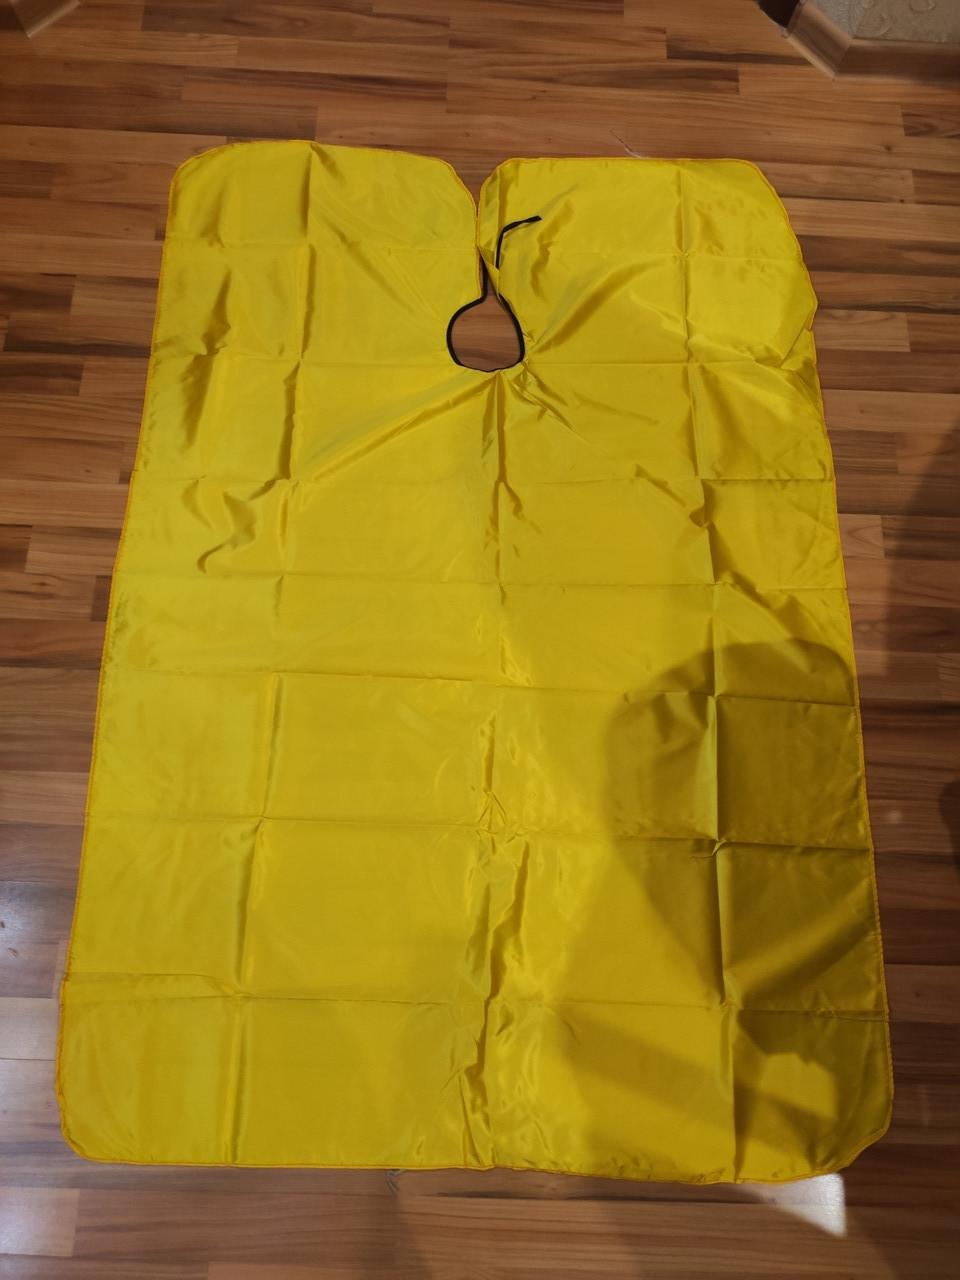 Желтая детская парикмахерская накидка пеньюар для клиента 135х95 см